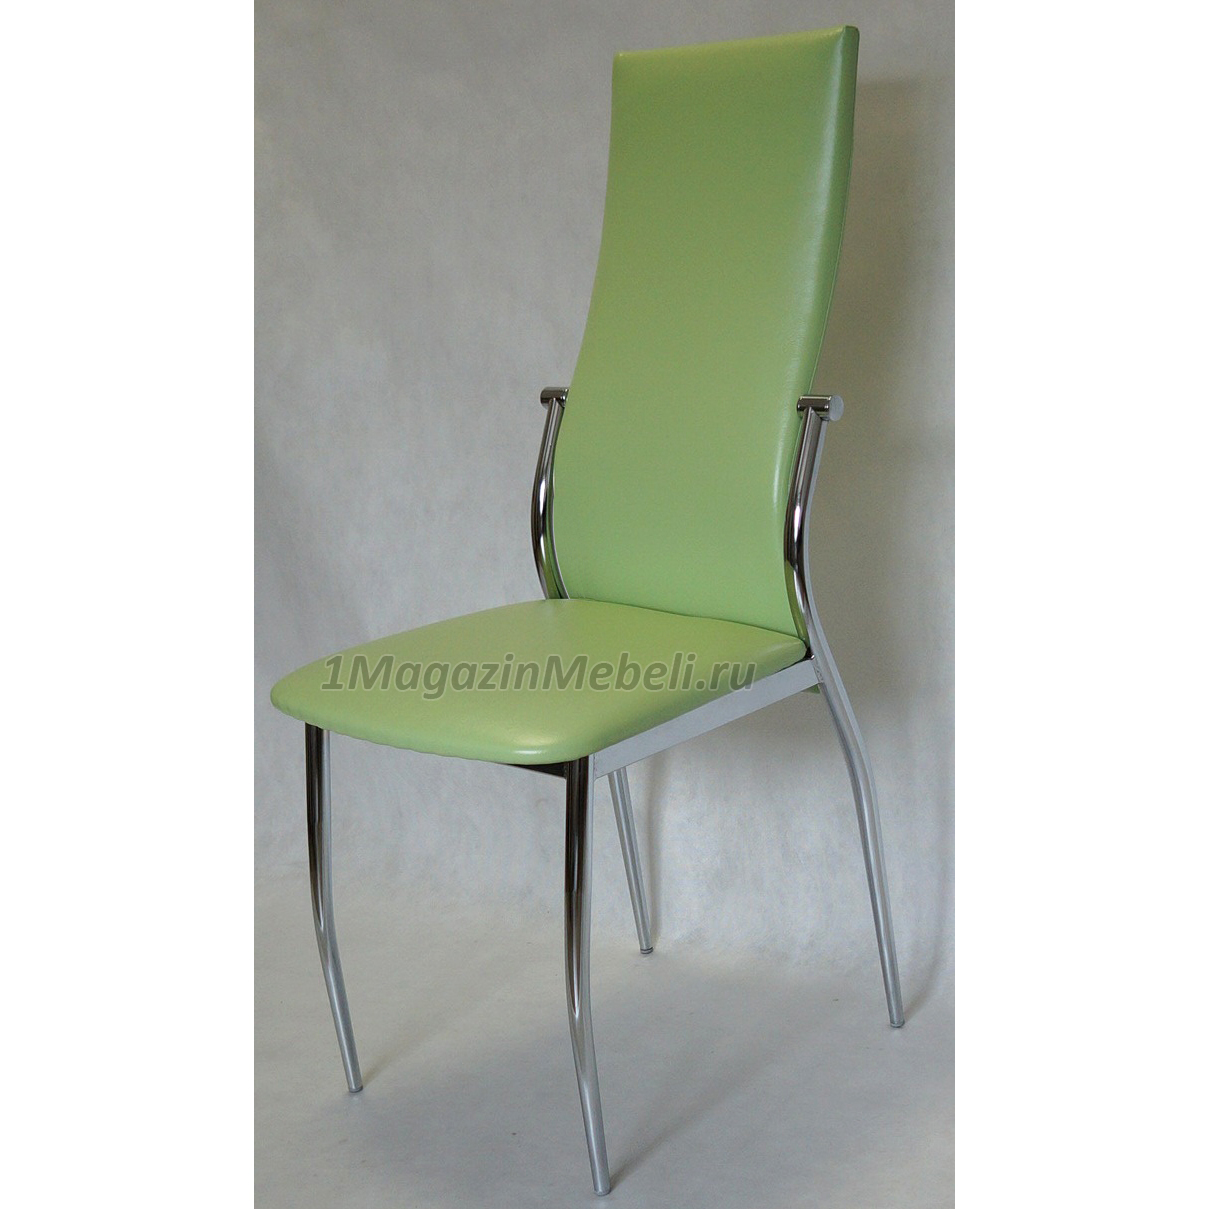 Фисташковый (салатовый) хромированный стул на кухню hs-022 (арт. М3228)